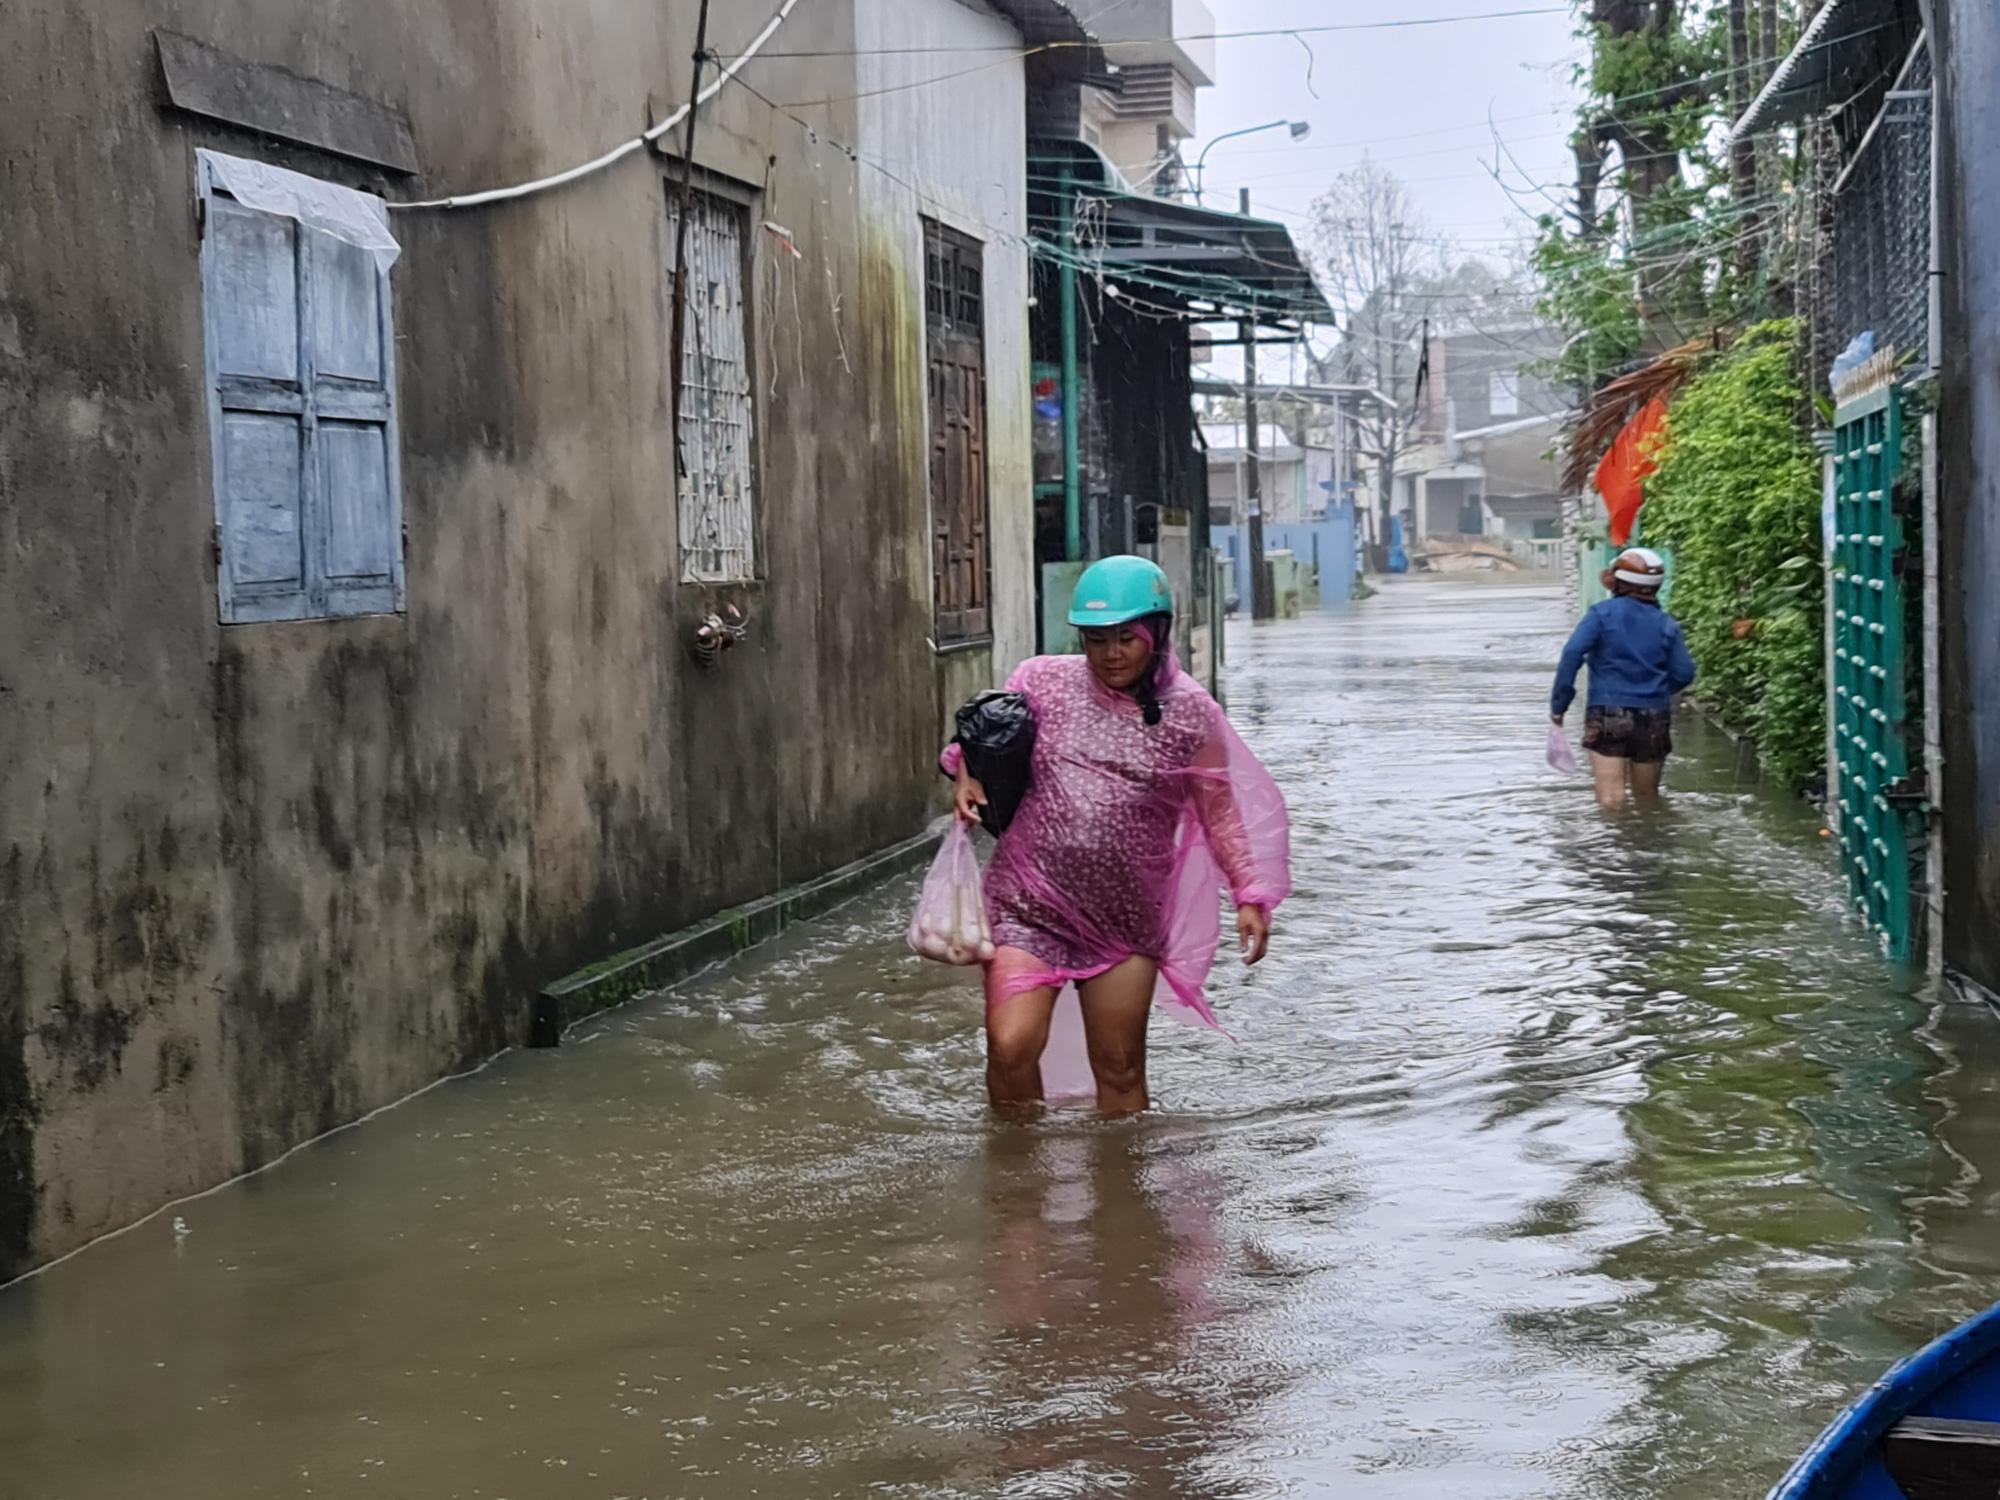 """Quảng Nam: Hồ thủy điện, thủy lợi xả lũ, dân lại """"bì bõm"""" trong nước - Ảnh 2."""